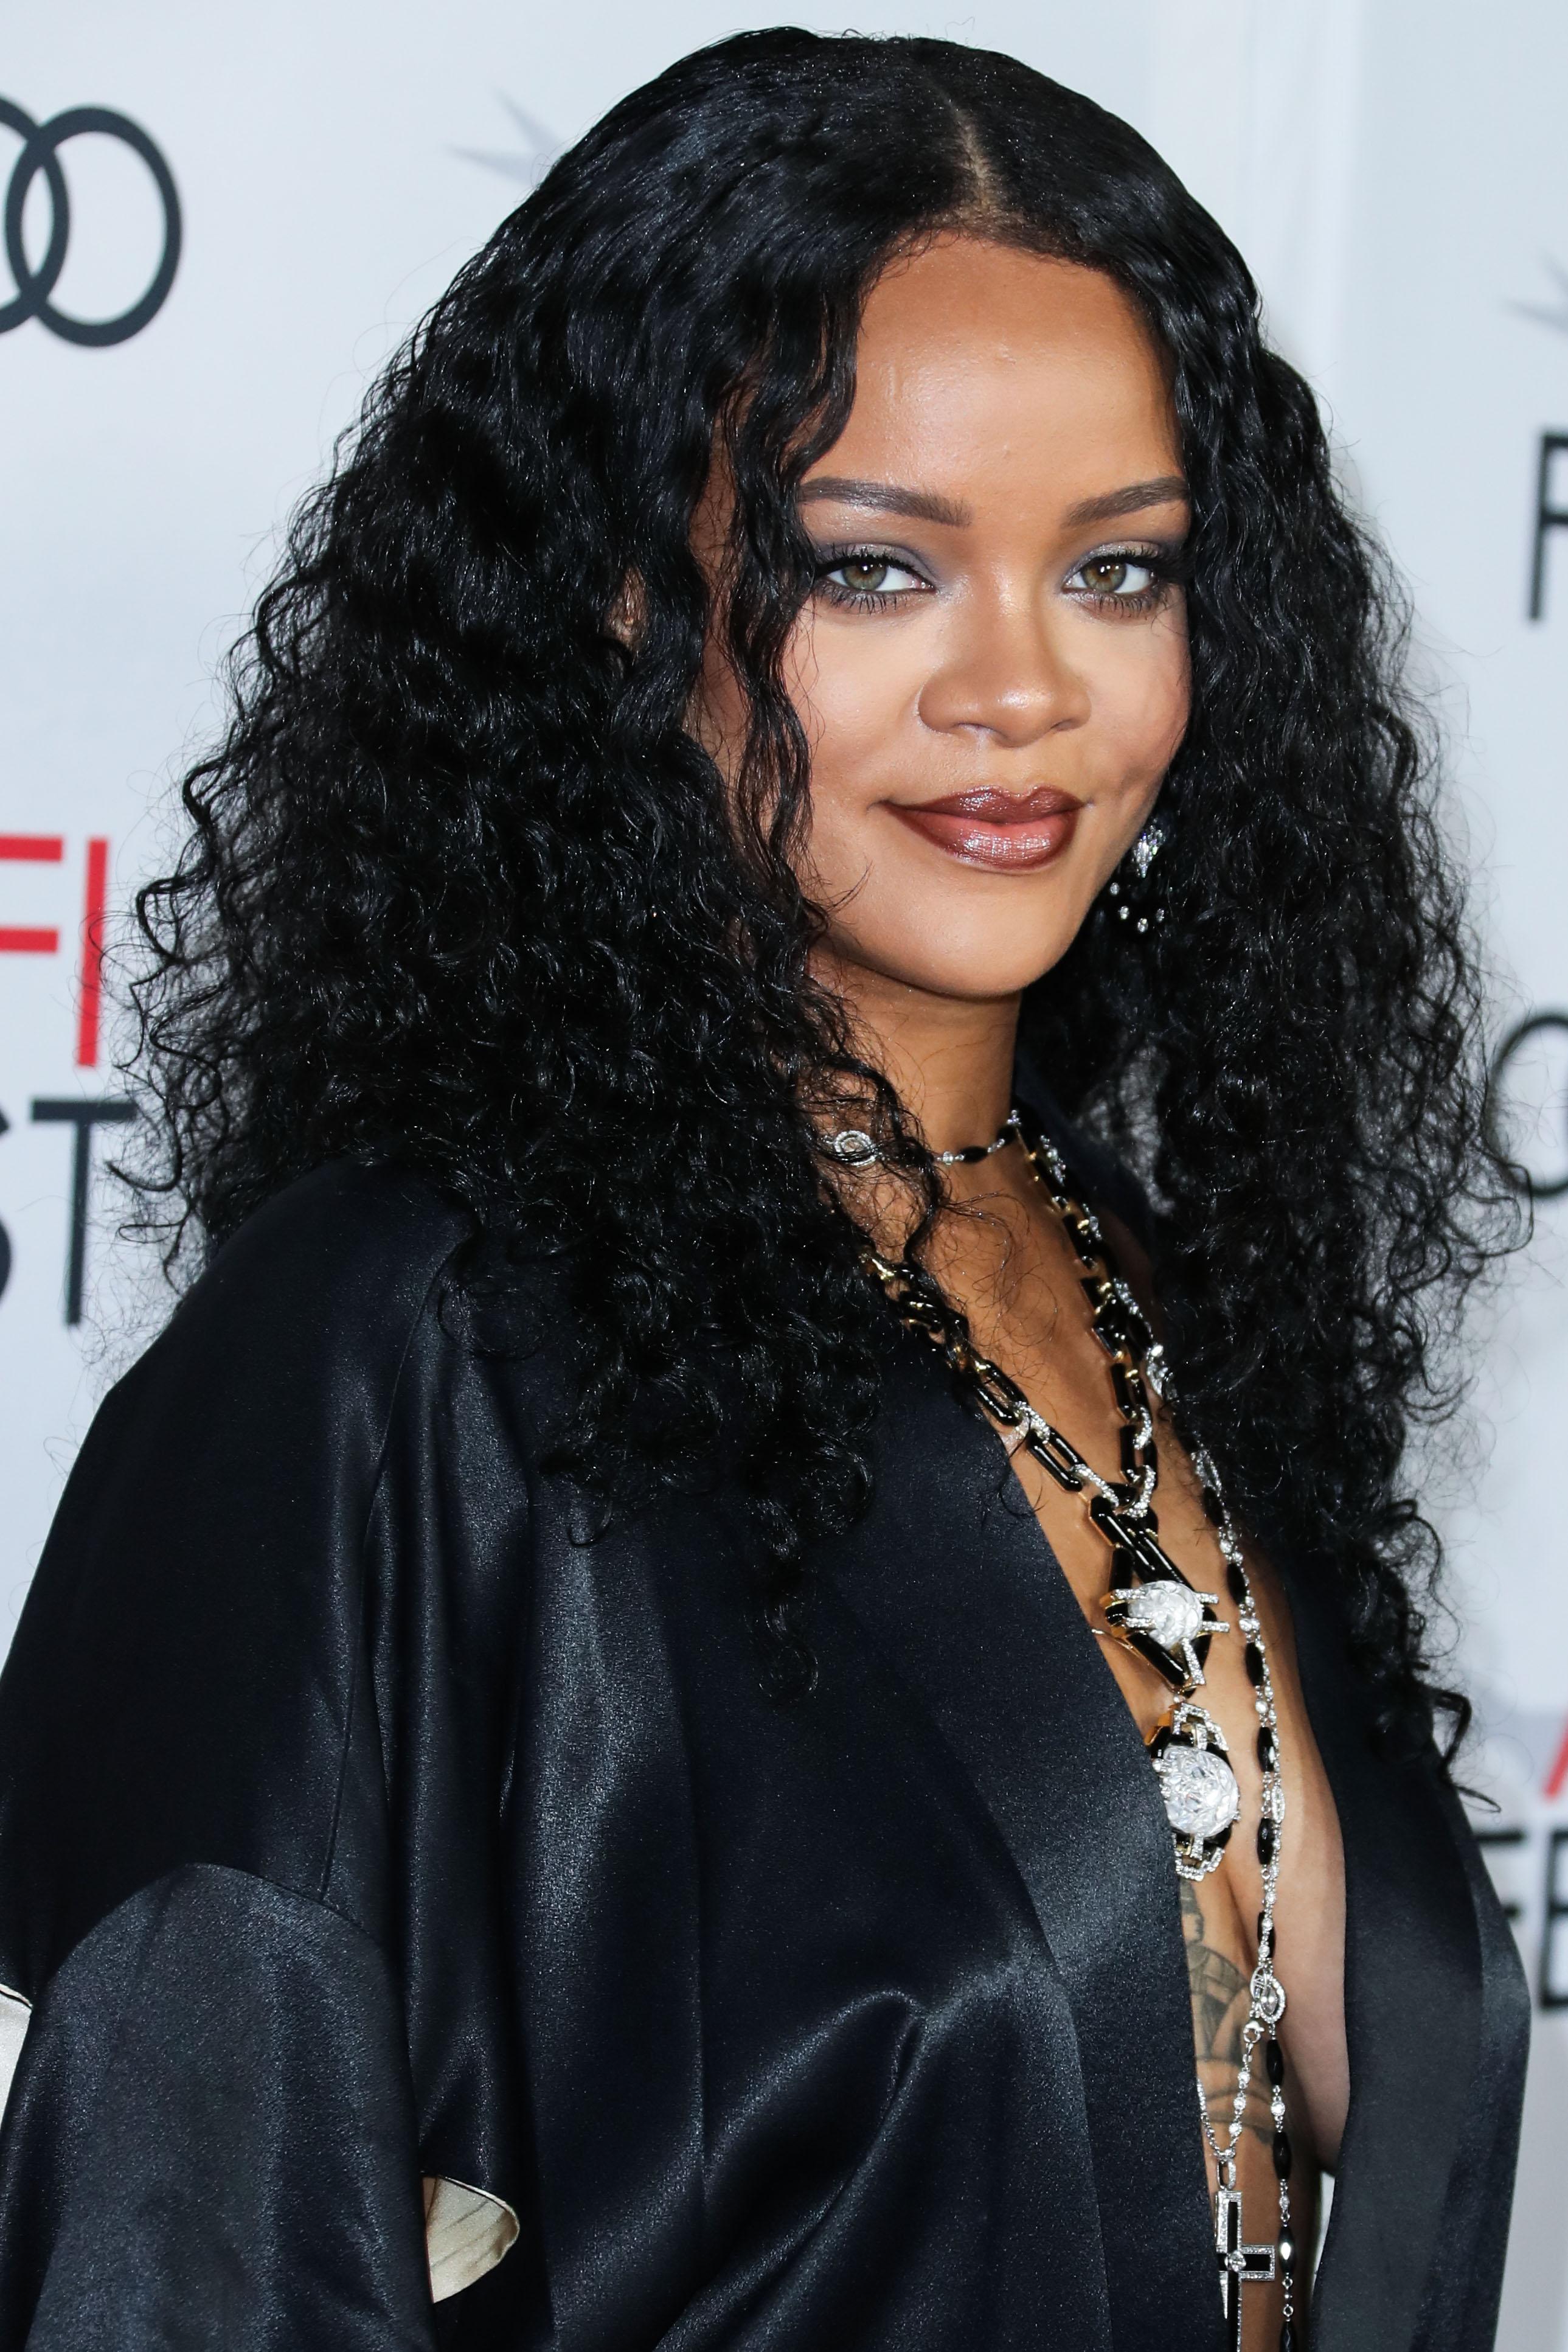 Η Rihanna ανέβασε την πρώτη no makeup selfie της χρονιάς (και μάλλον κάτι ετοιμάζει)!